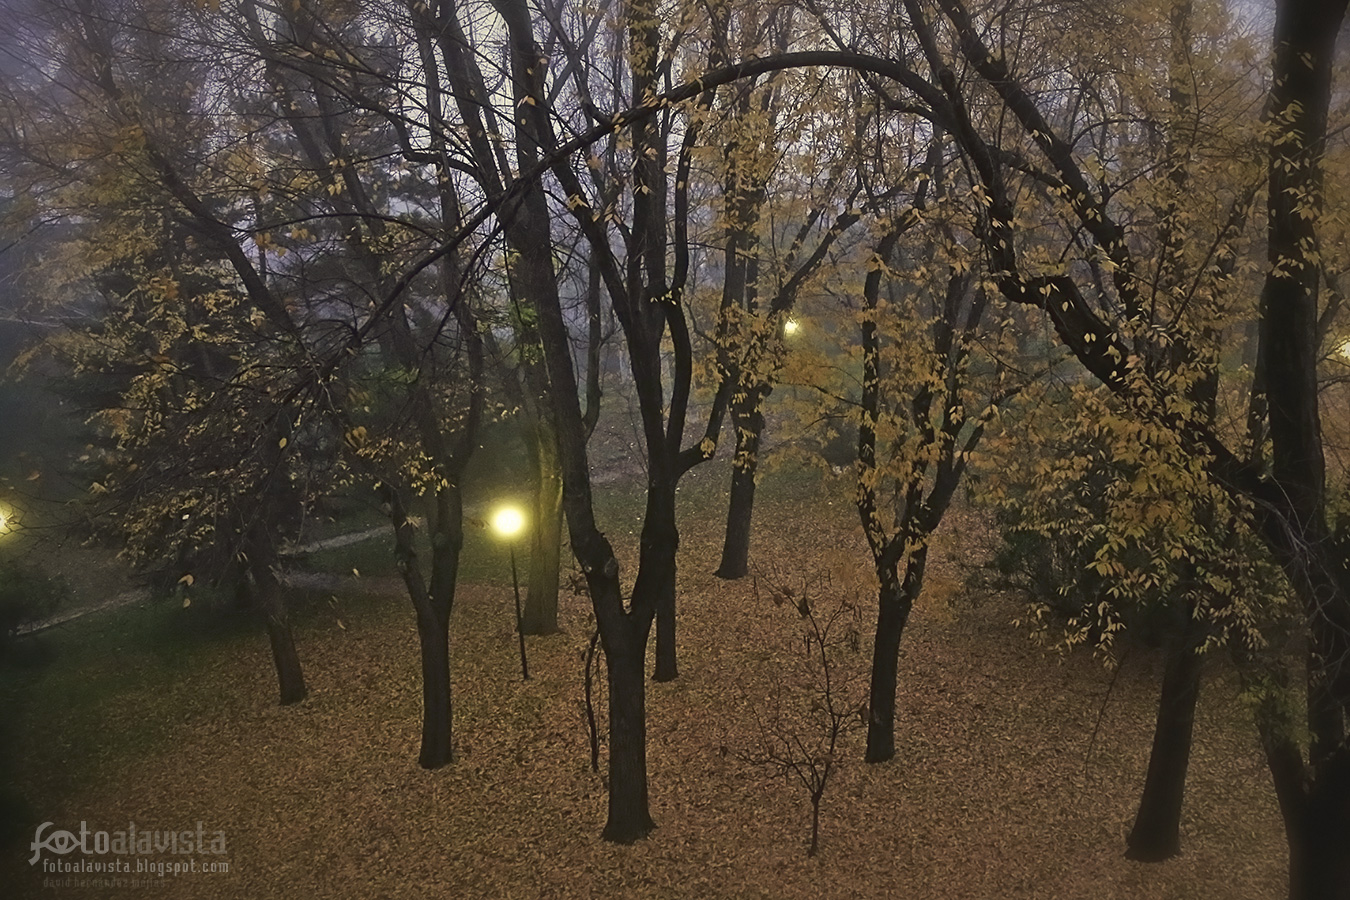 Luces mágicas entre árboles y niebla - Fotografía